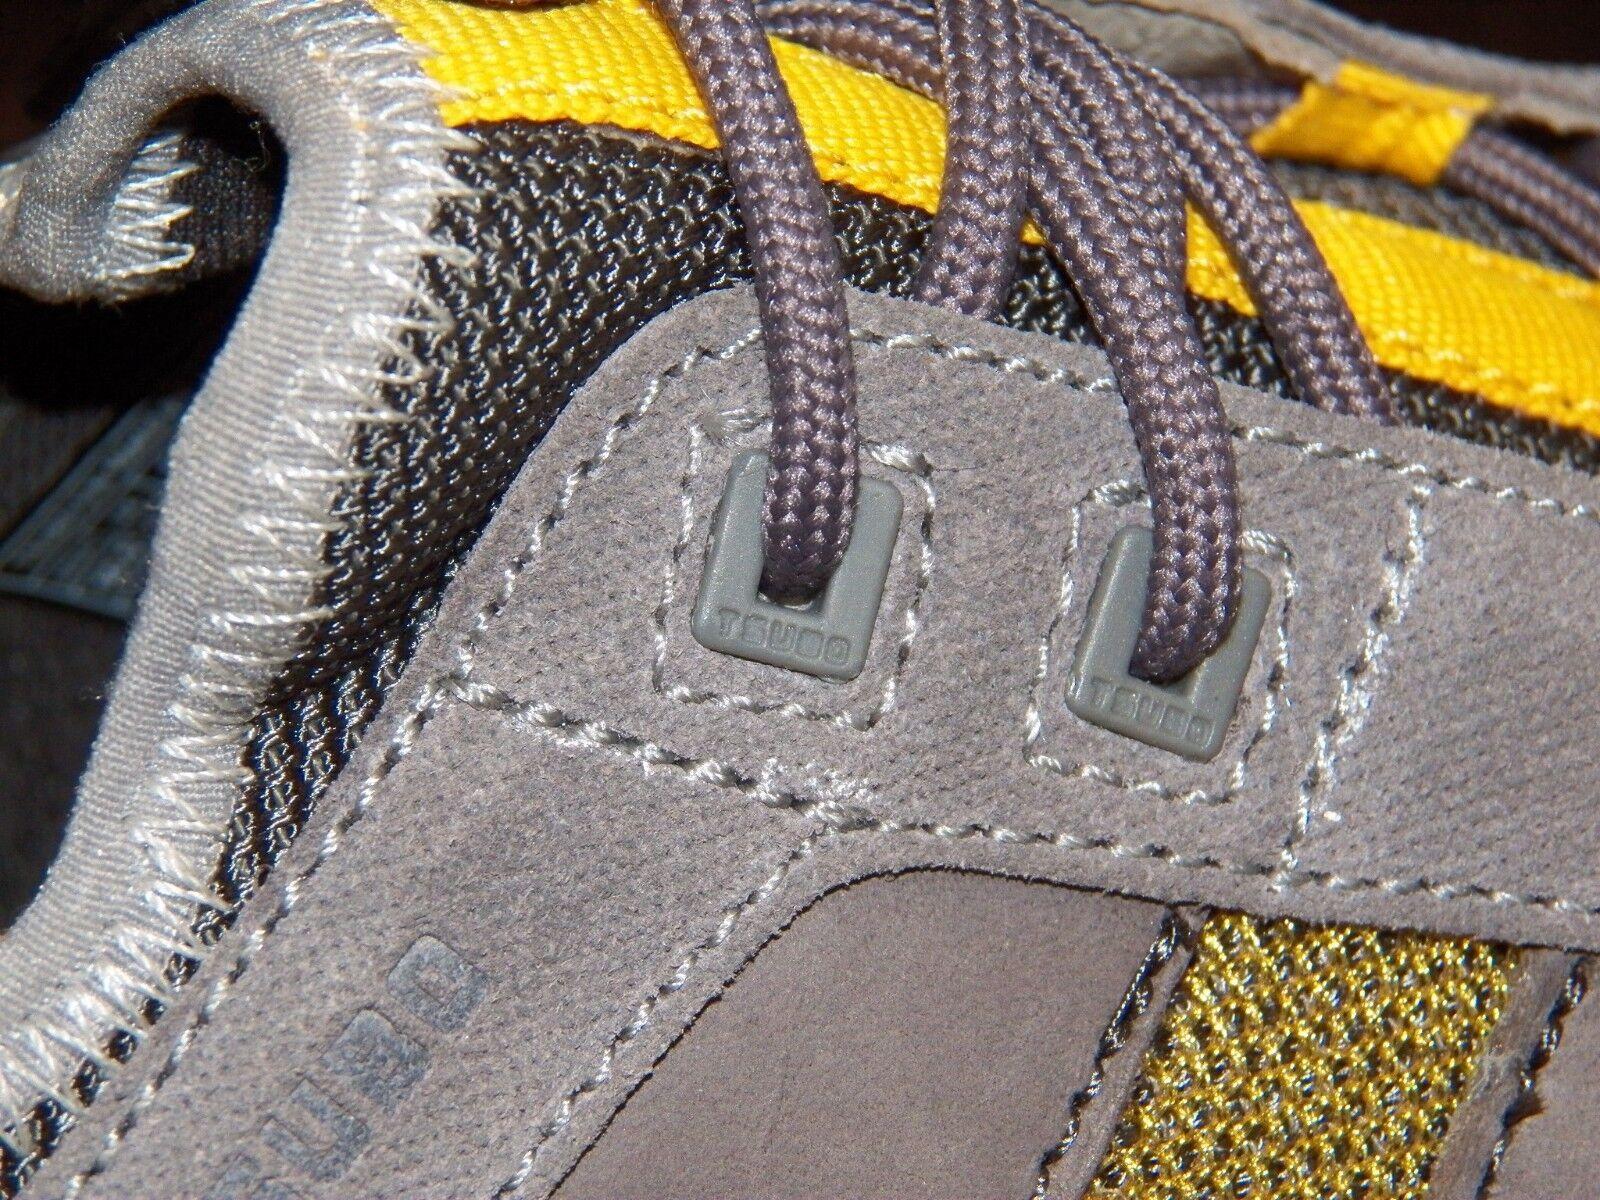 Nuevo Para Hombre tsubo radón carbón Deportivo Malla Urbano De Cuero Estilo Urbano Malla Zapatillas Zapatos d75914